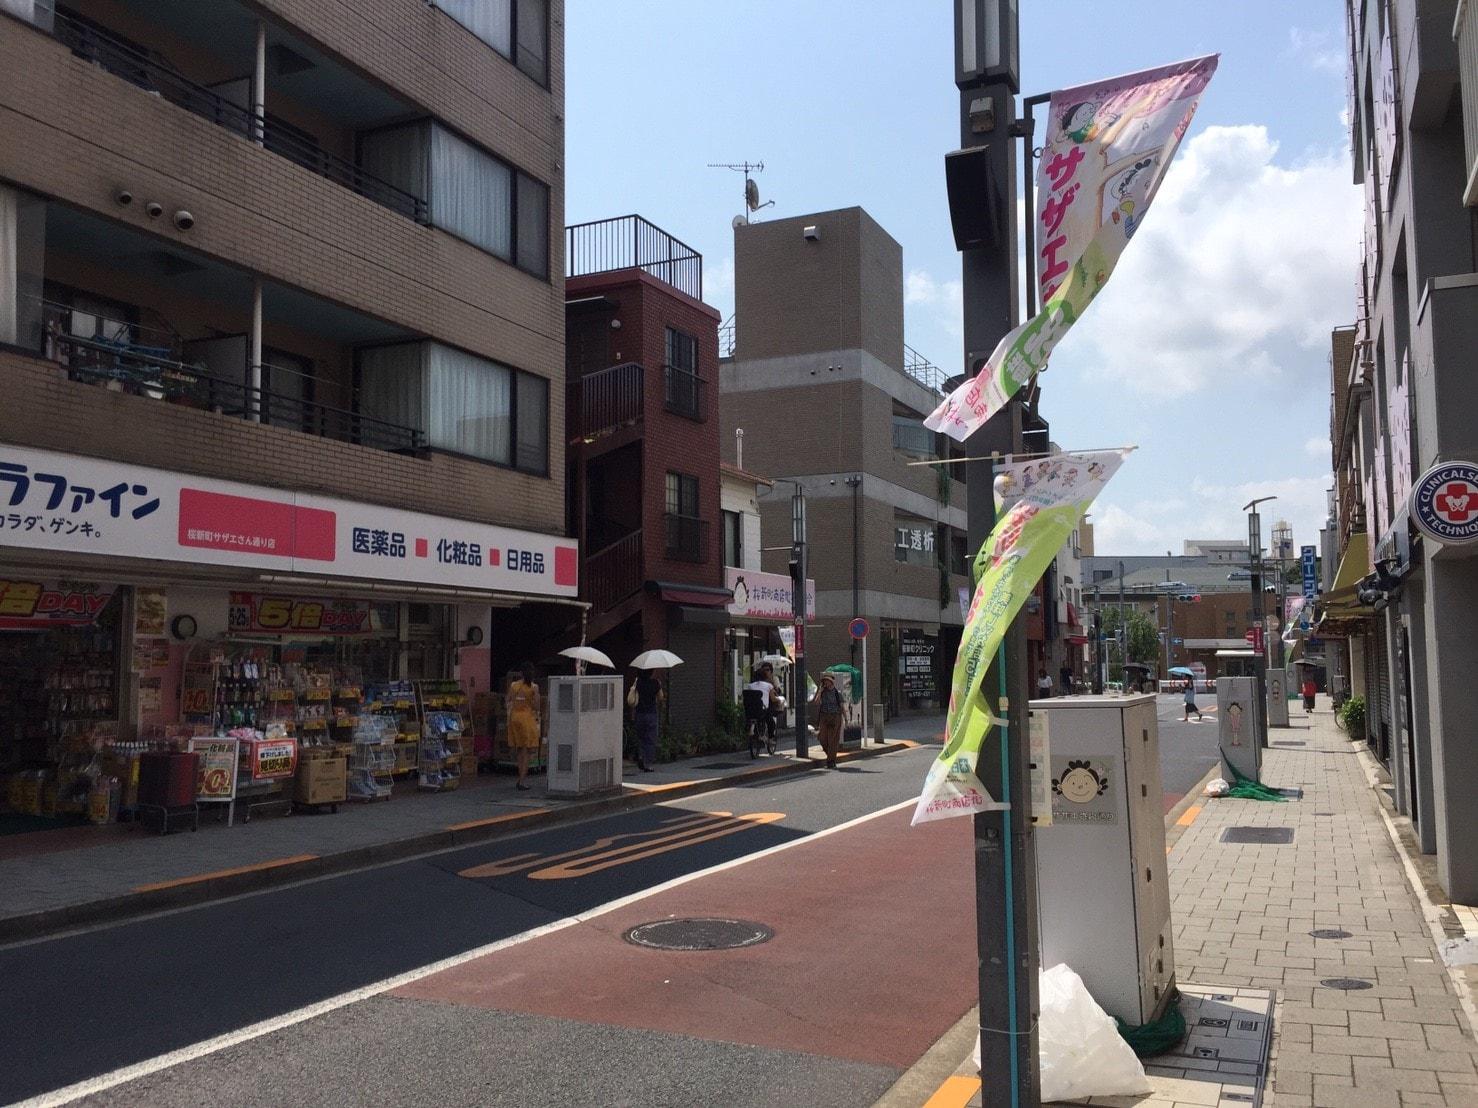 桜新町駅付近のサザエさん通り